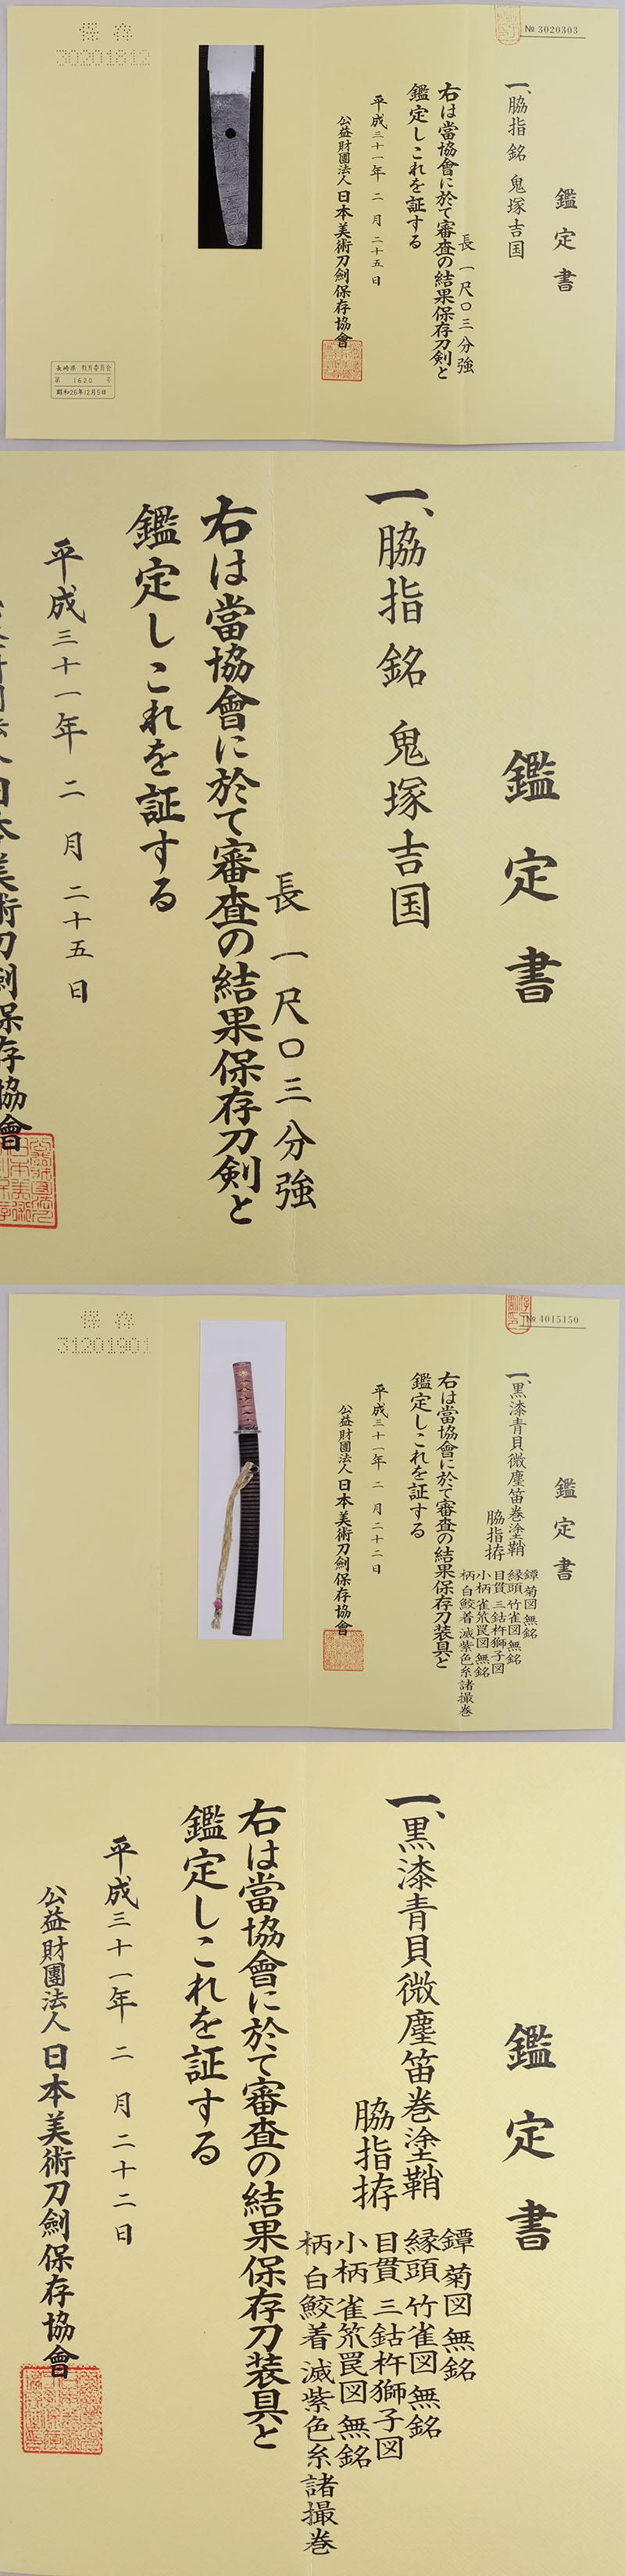 鬼塚吉国 Picture of Certificate